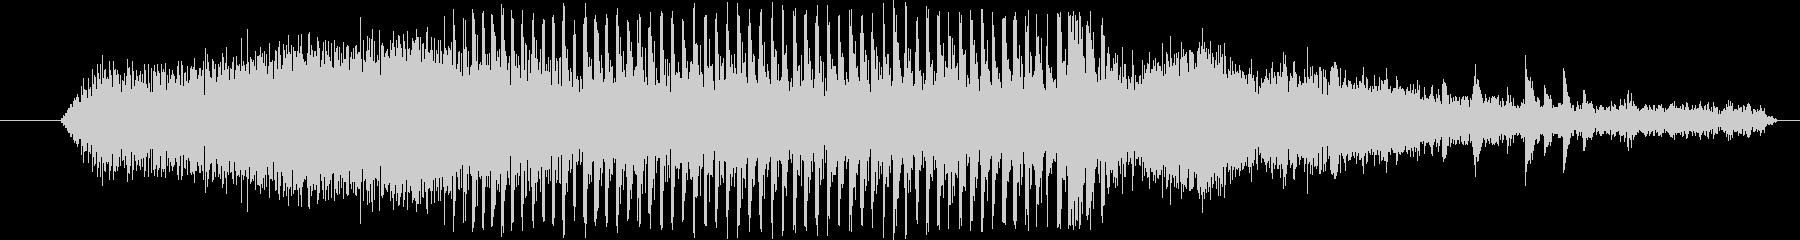 機械 ドリルストーン01の未再生の波形